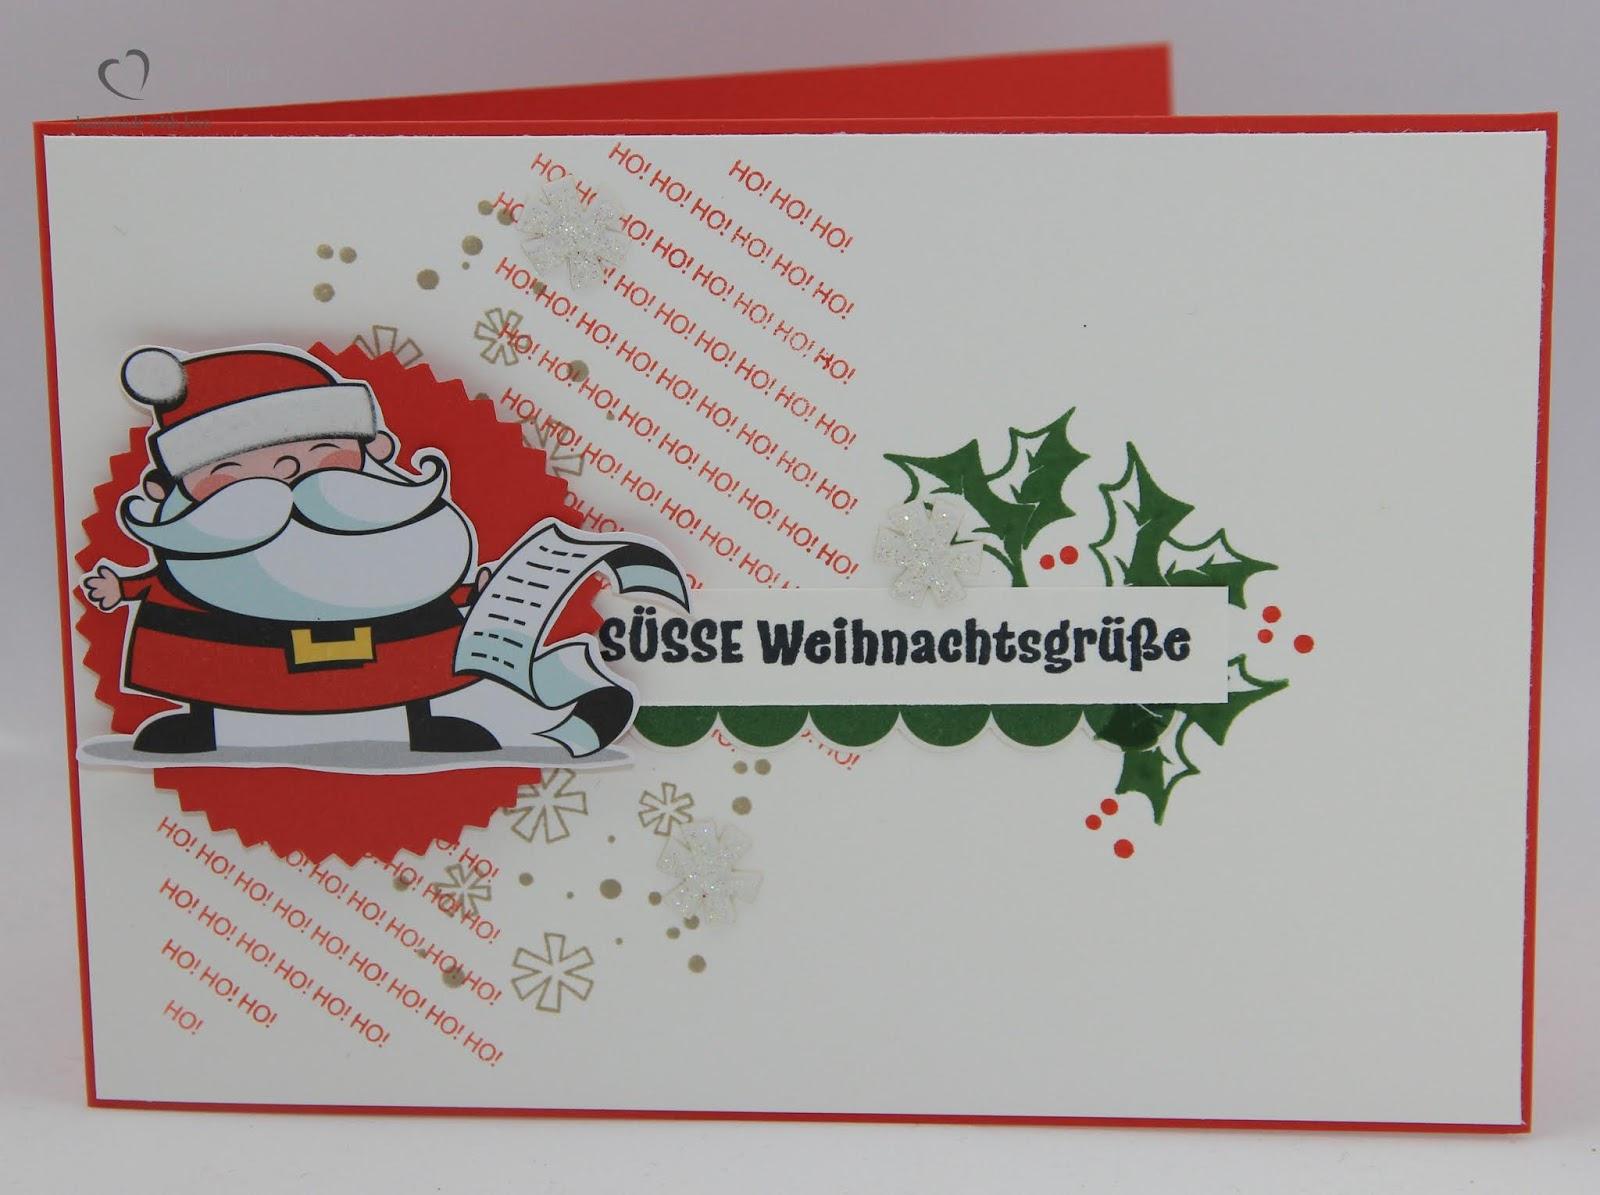 Stanzeherzpapier: Oktober 2019 bestimmt für Welche Farbe Hatte Das Gewand Des Weihnachtsmanns Ursprünglich